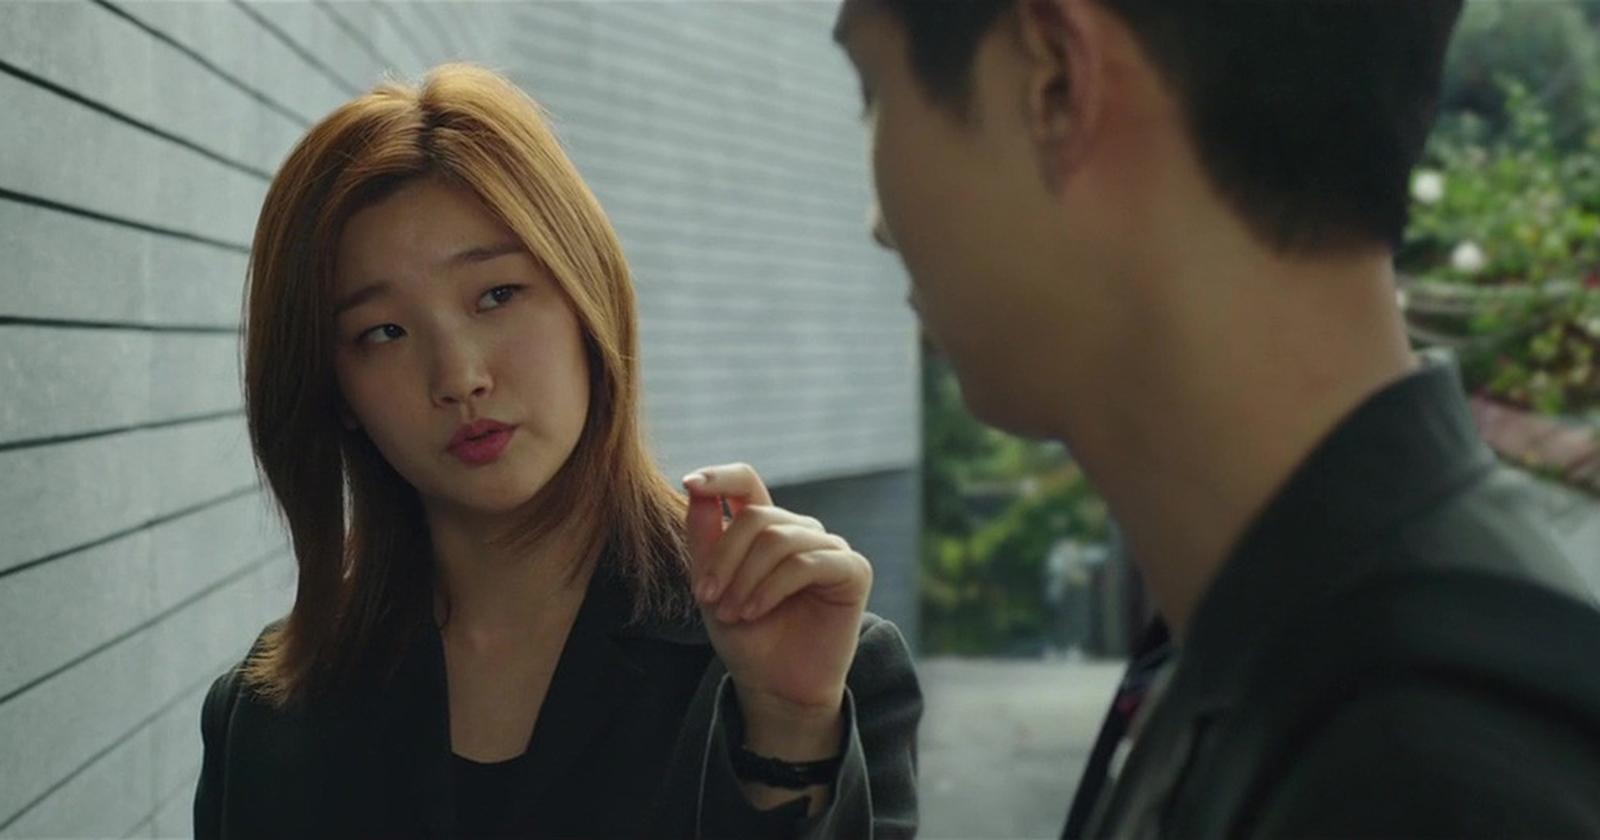 Ki-jung repasando su actuación antes de entrar a la casa de la familia Park